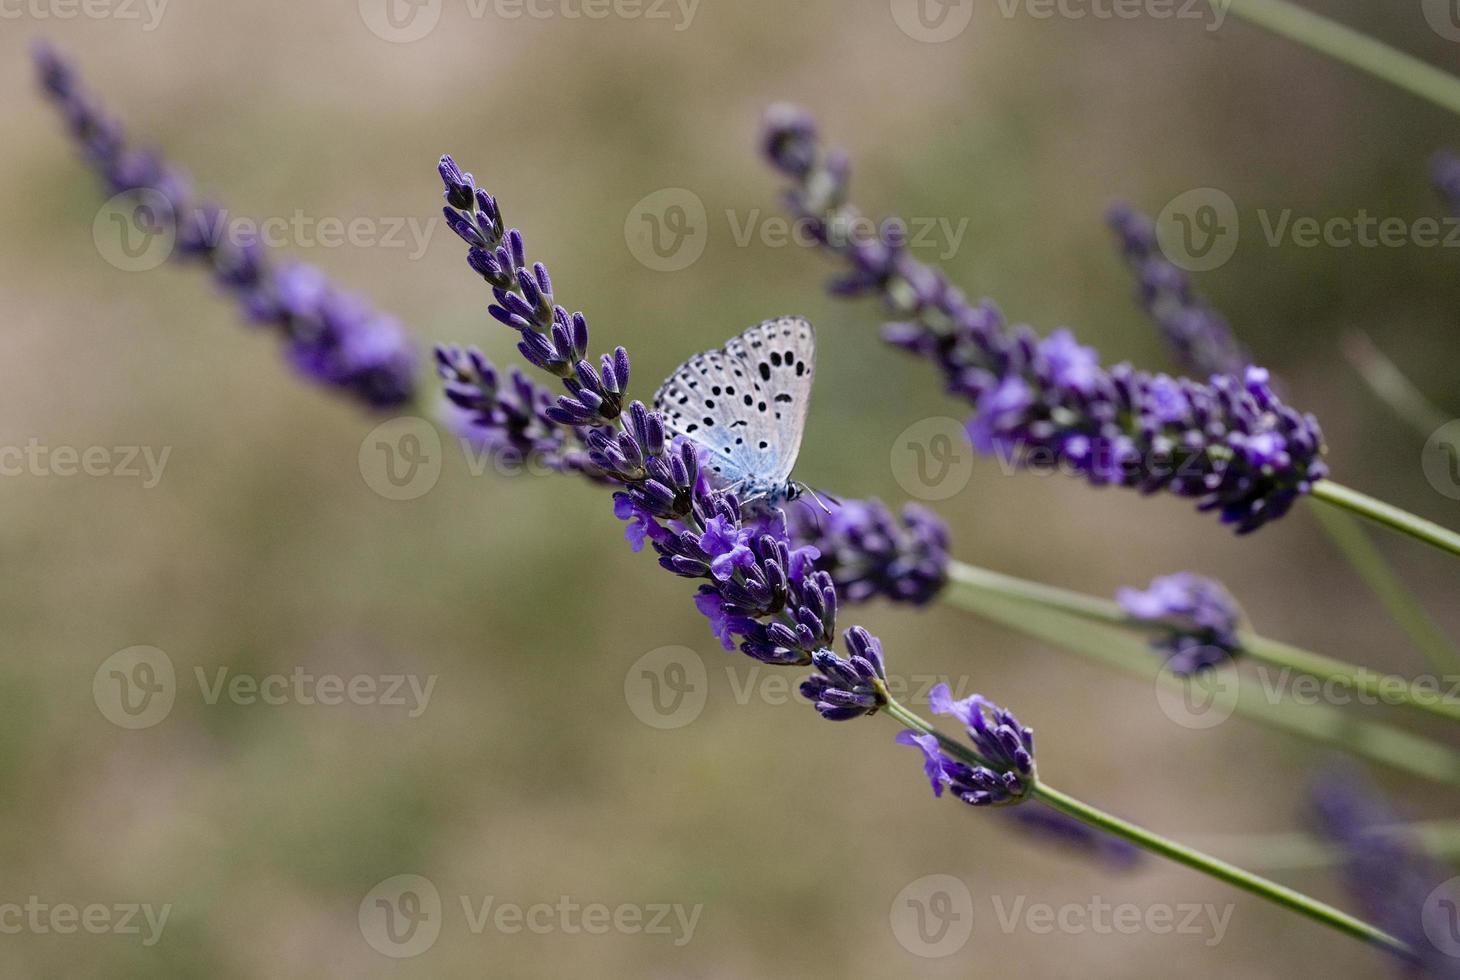 uma borboleta forrageando flores de lavanda na província de Lot, França foto